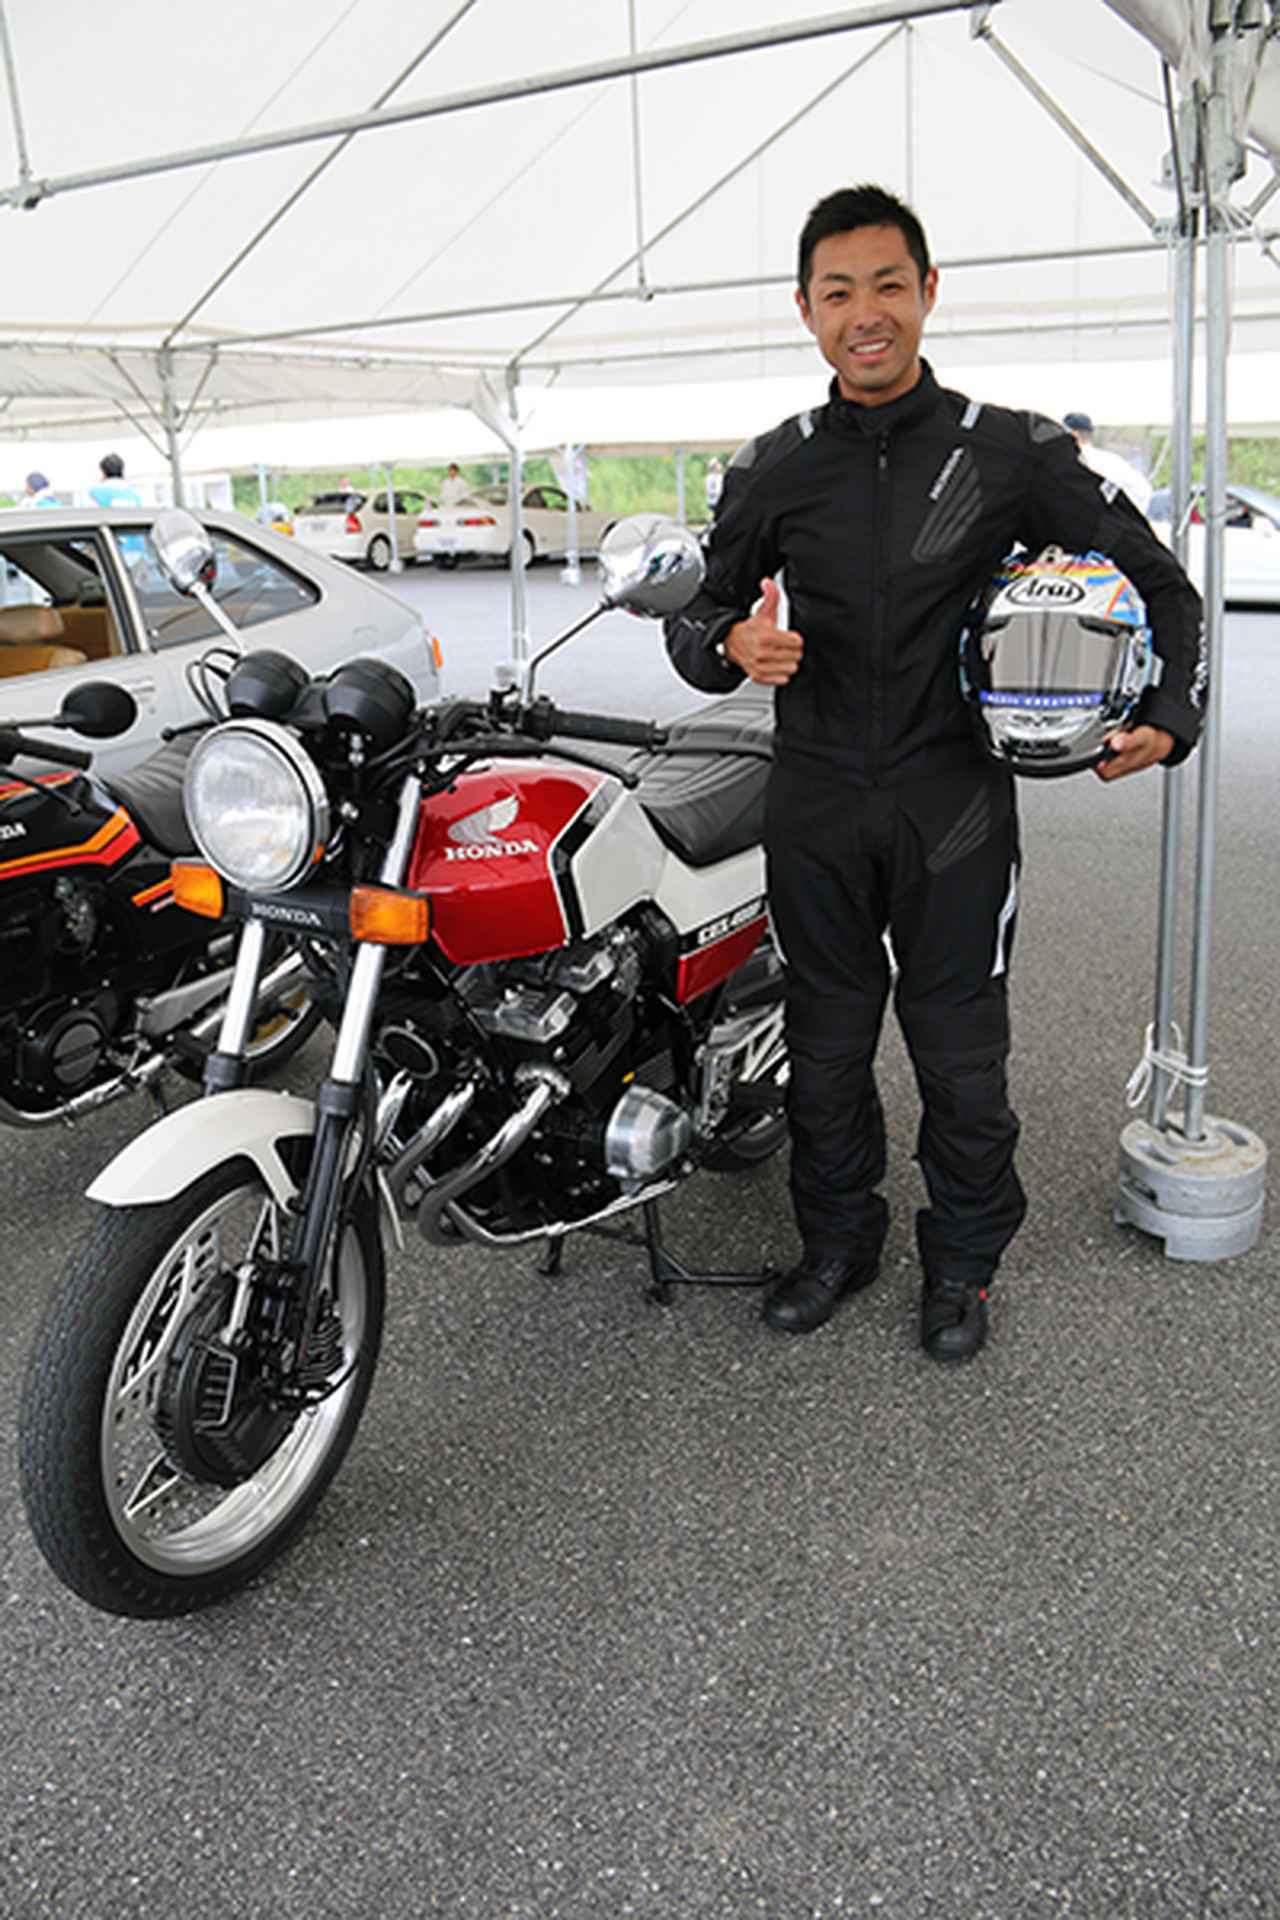 画像: 「CBX400F」(81年)に試乗し笑顔の高橋裕紀選手